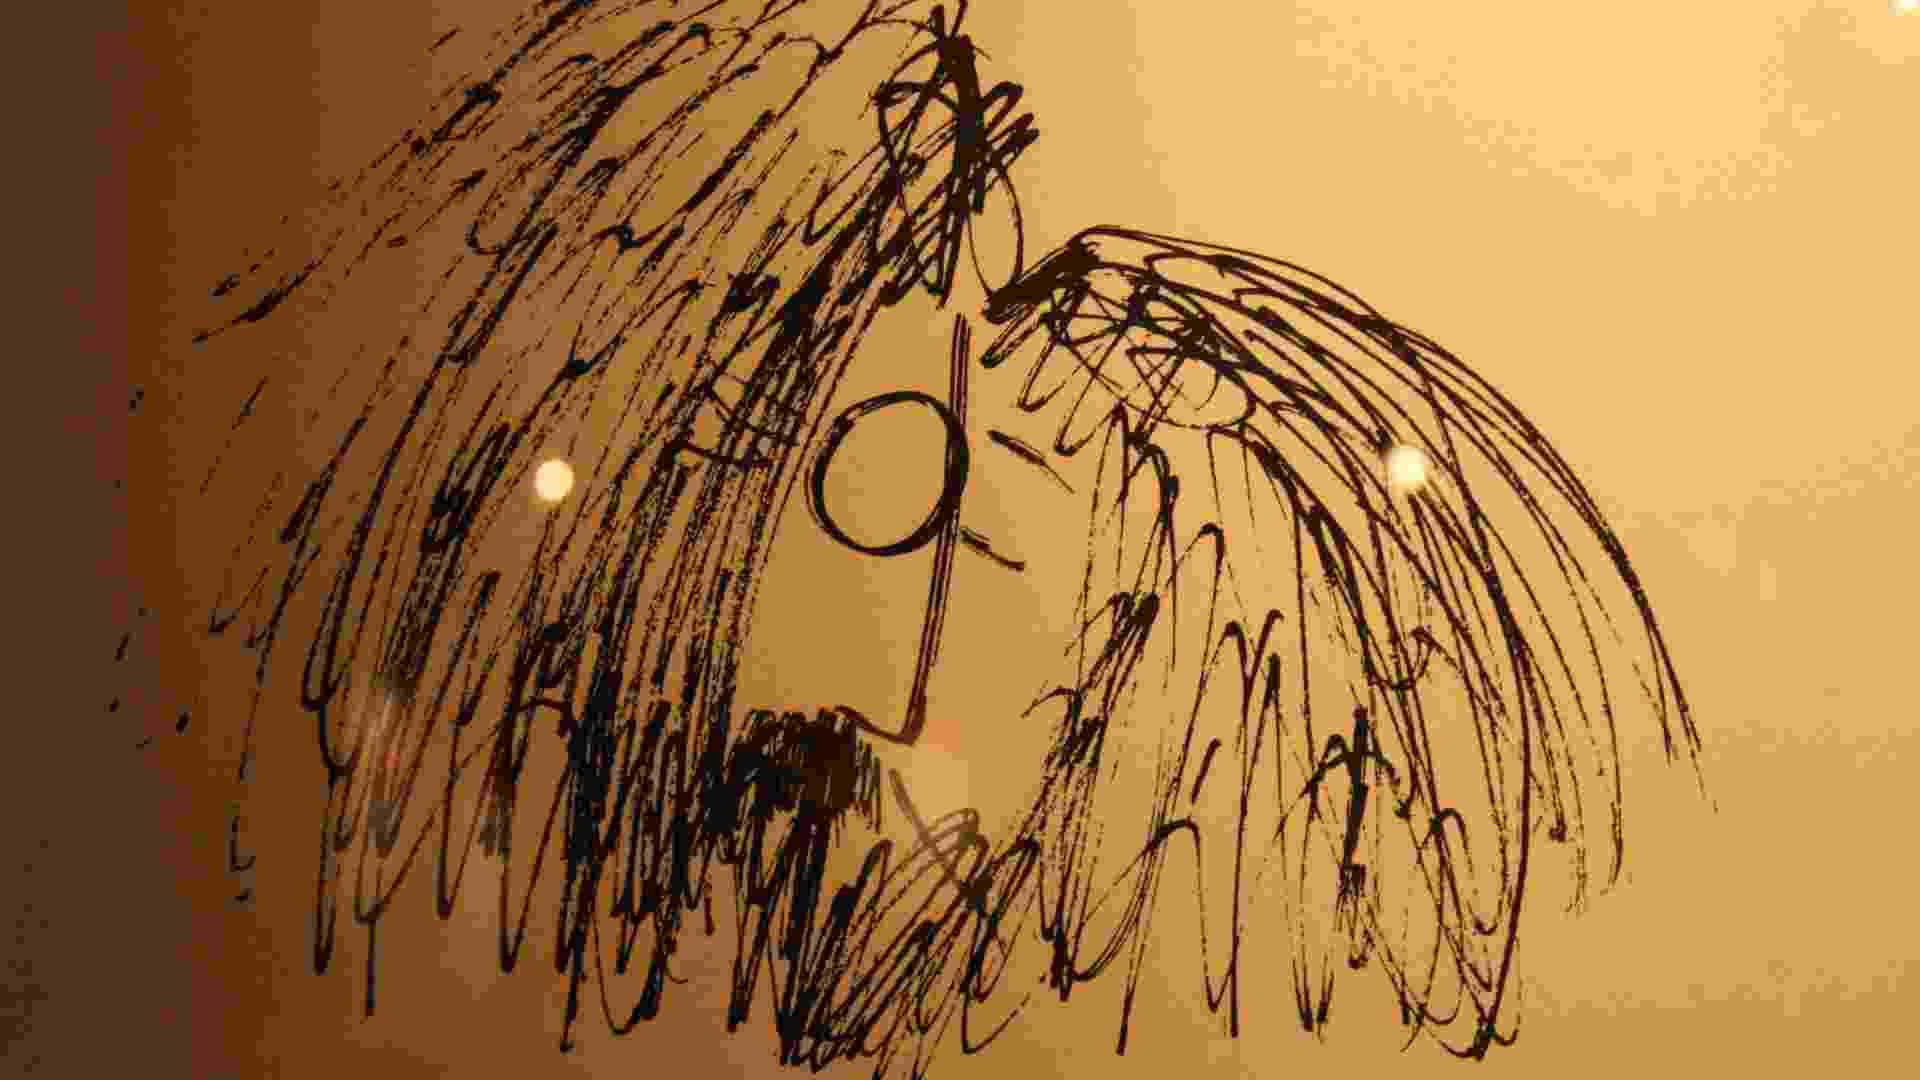 Detalhe de um dos desenhos de John Lennon em exposição em galeria no Soho, em Nova York (4/10/12) - EFE/Jessica Martorell